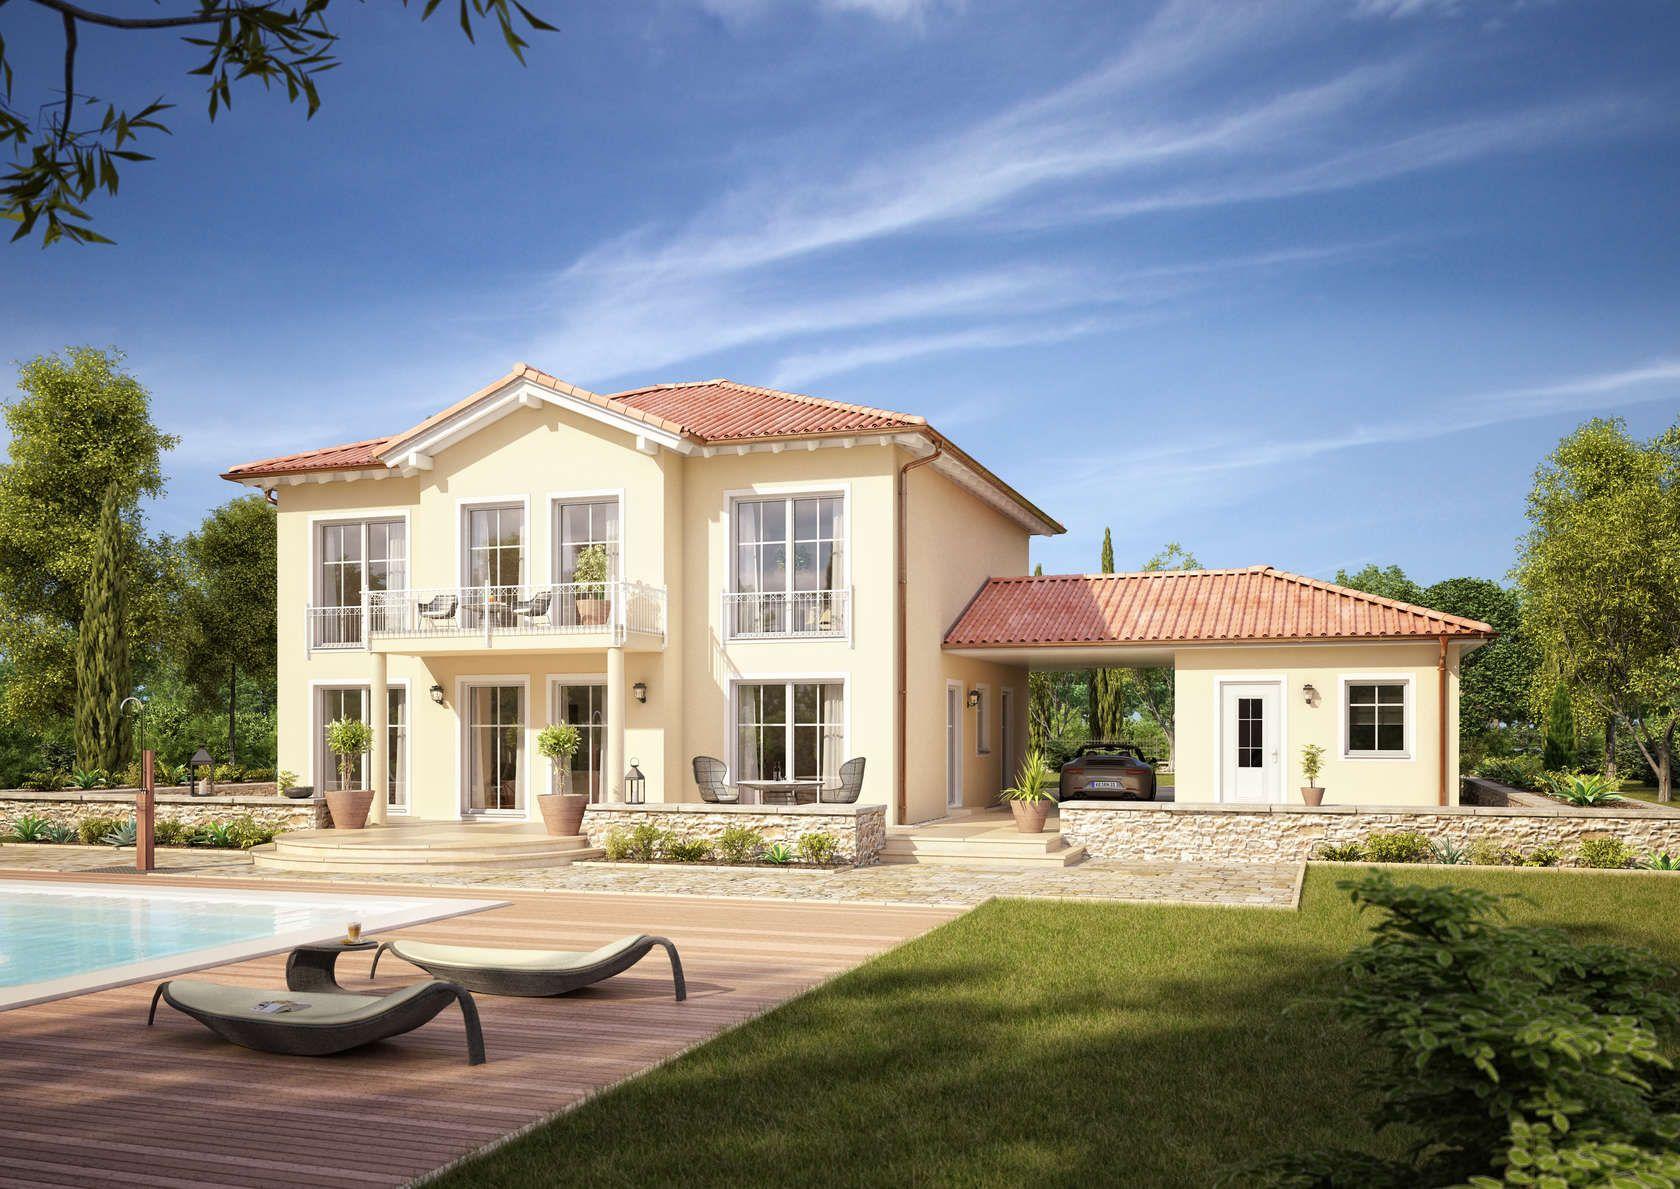 sie wollen eine stadtvilla bauen alle anbieter und preise auf fertighausde vergleichen top auswahl verschiedener huser angebote anfordern - Fantastisch Haus Bauen Ideen Mediterran